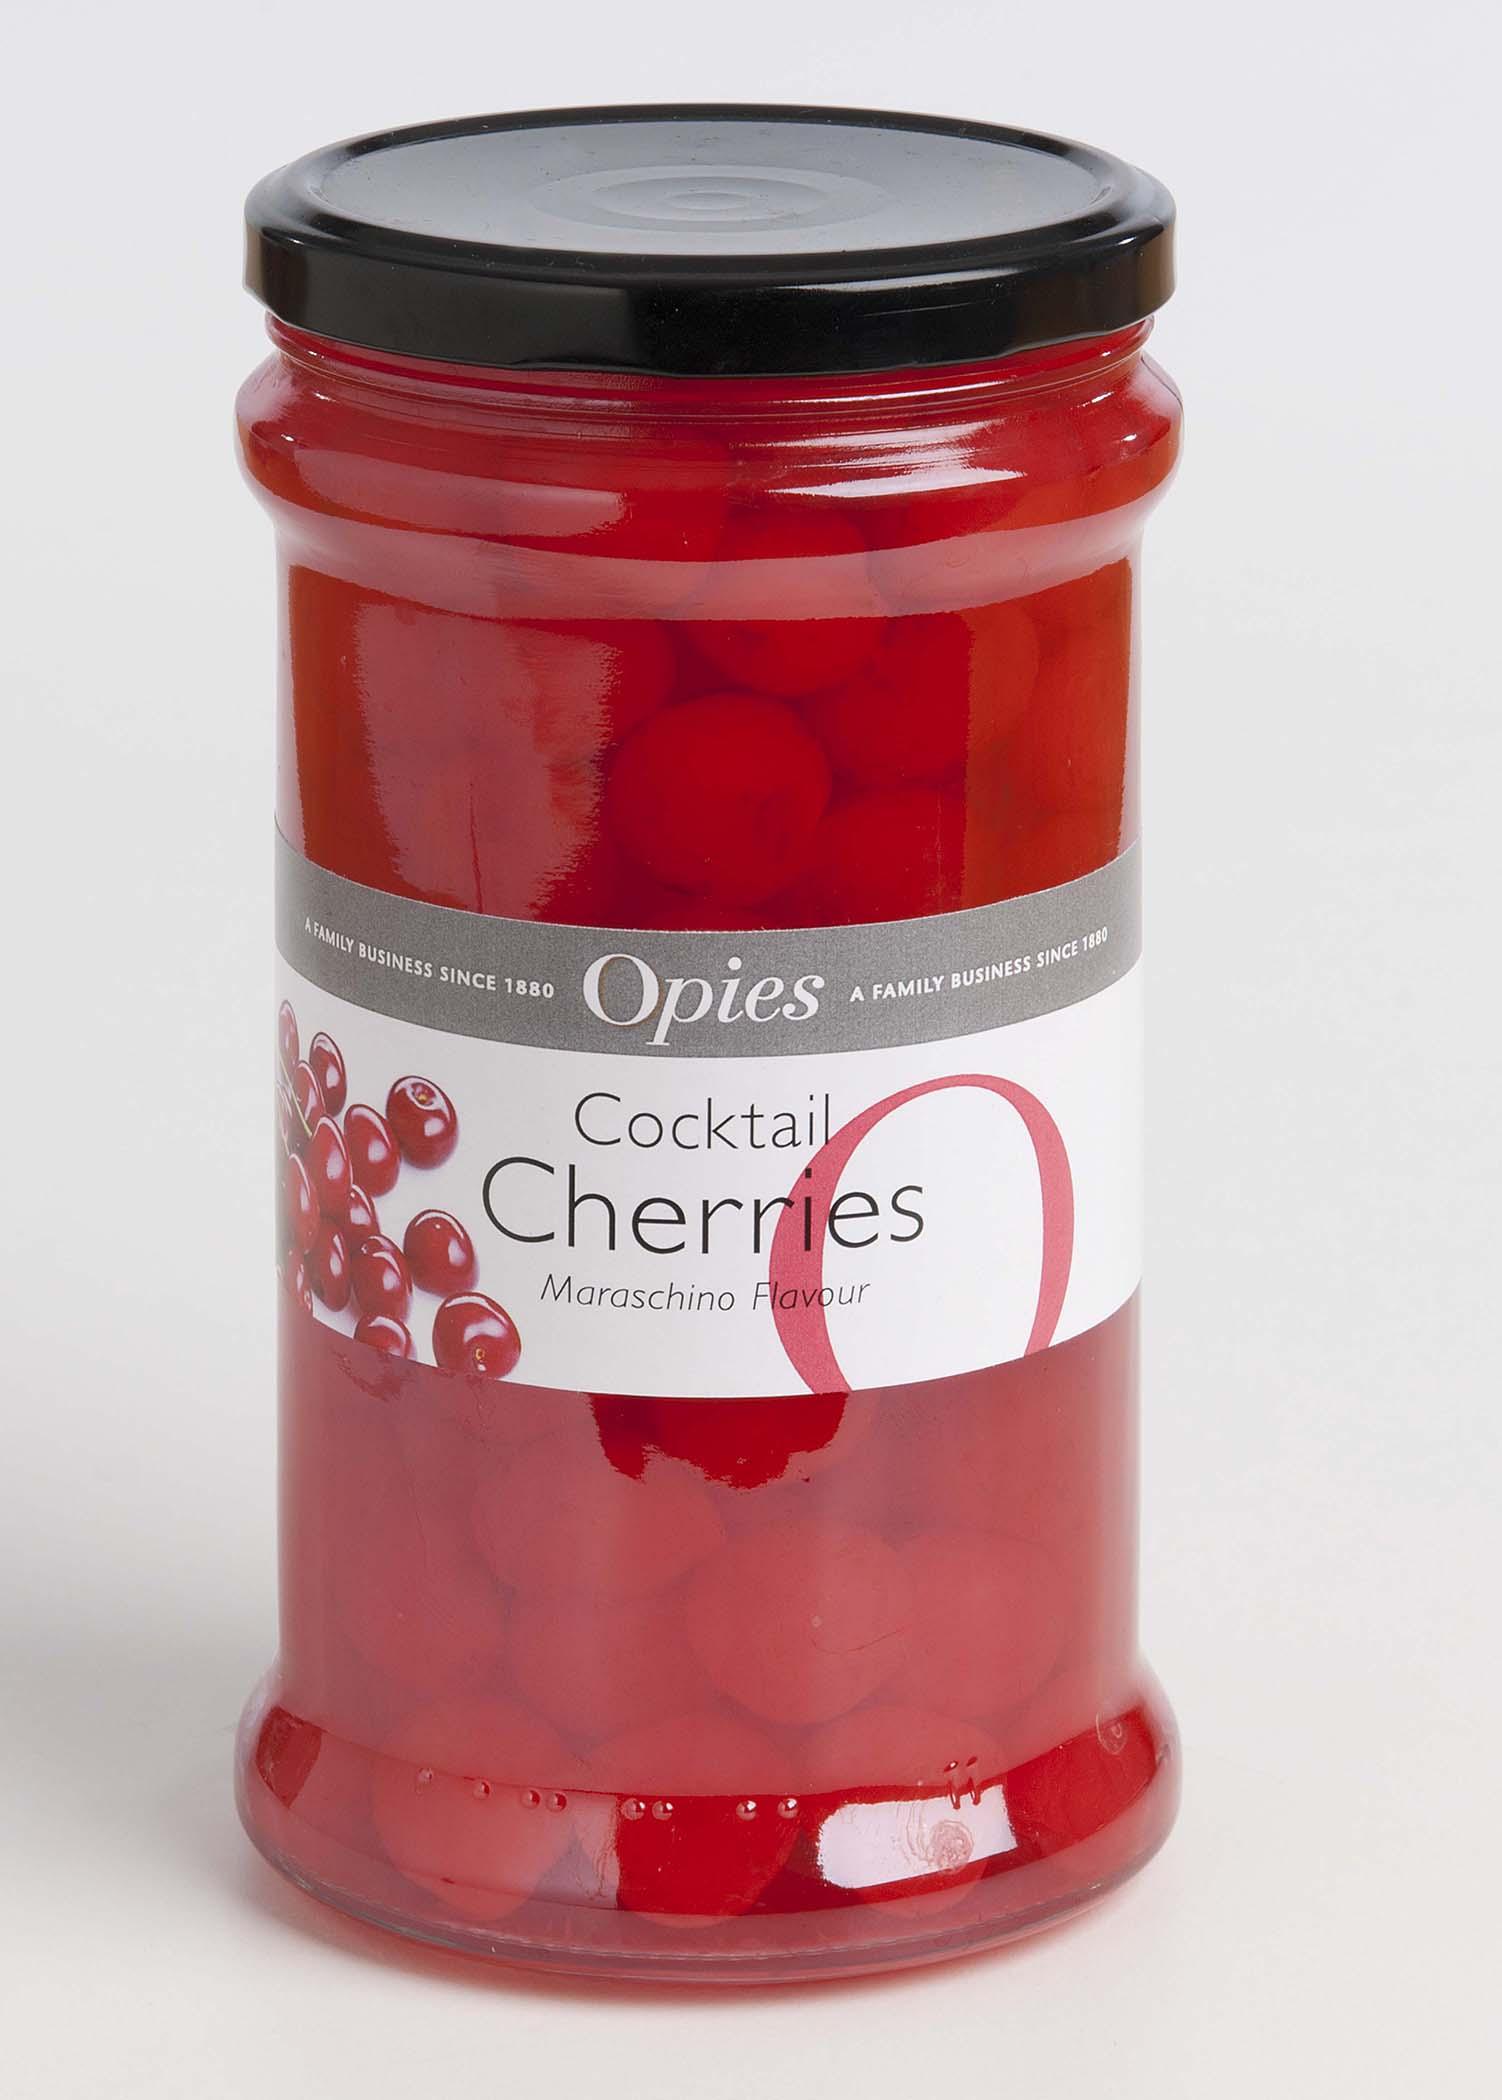 Opies Cocktail Cherries 950g